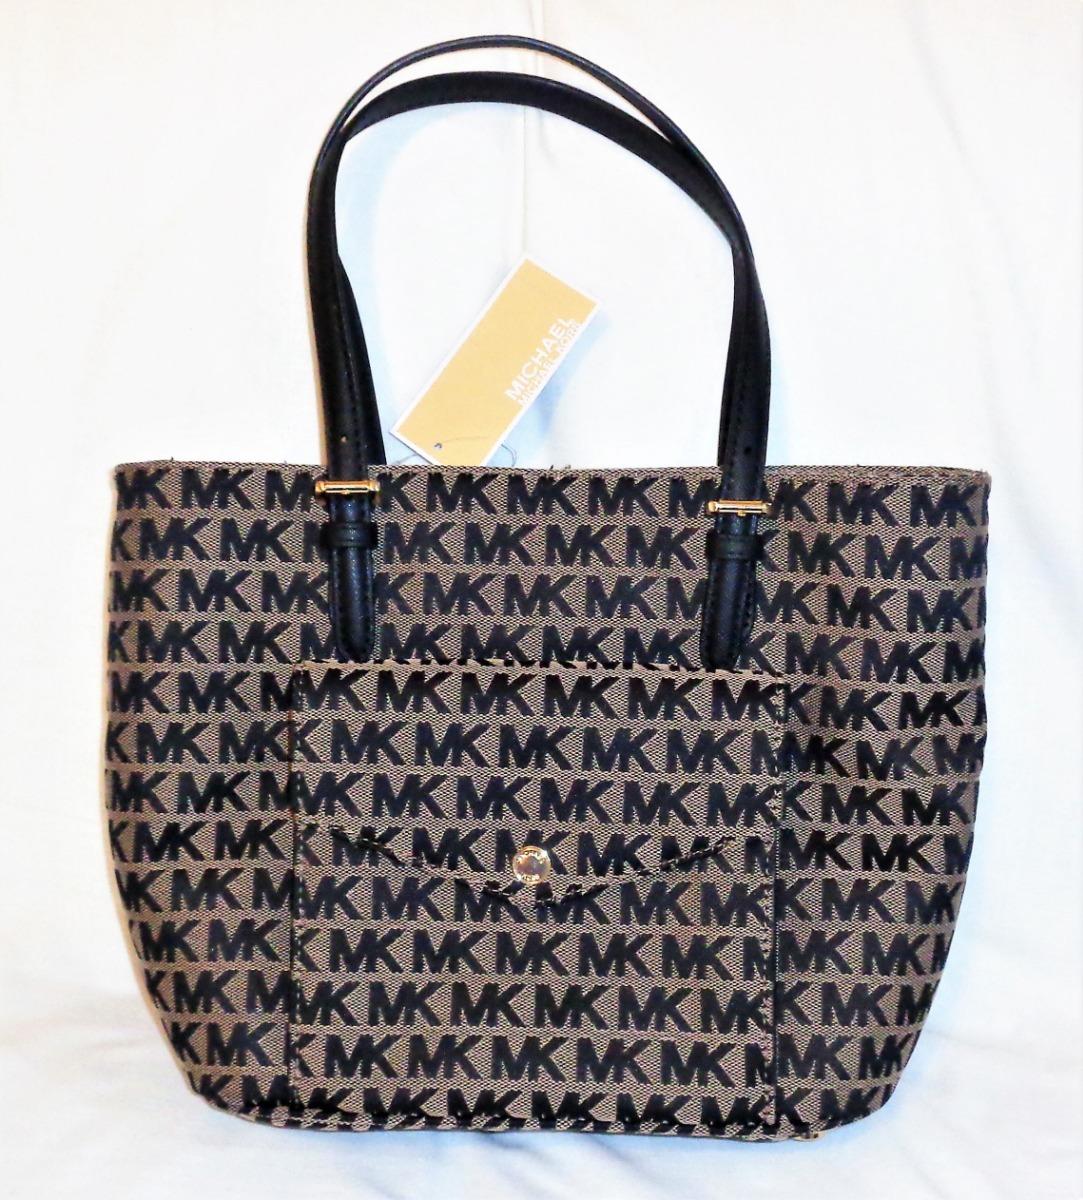 52916e458 Michael Kors Bolsa Feminina Original Importada Nova - R$ 899,90 em ...